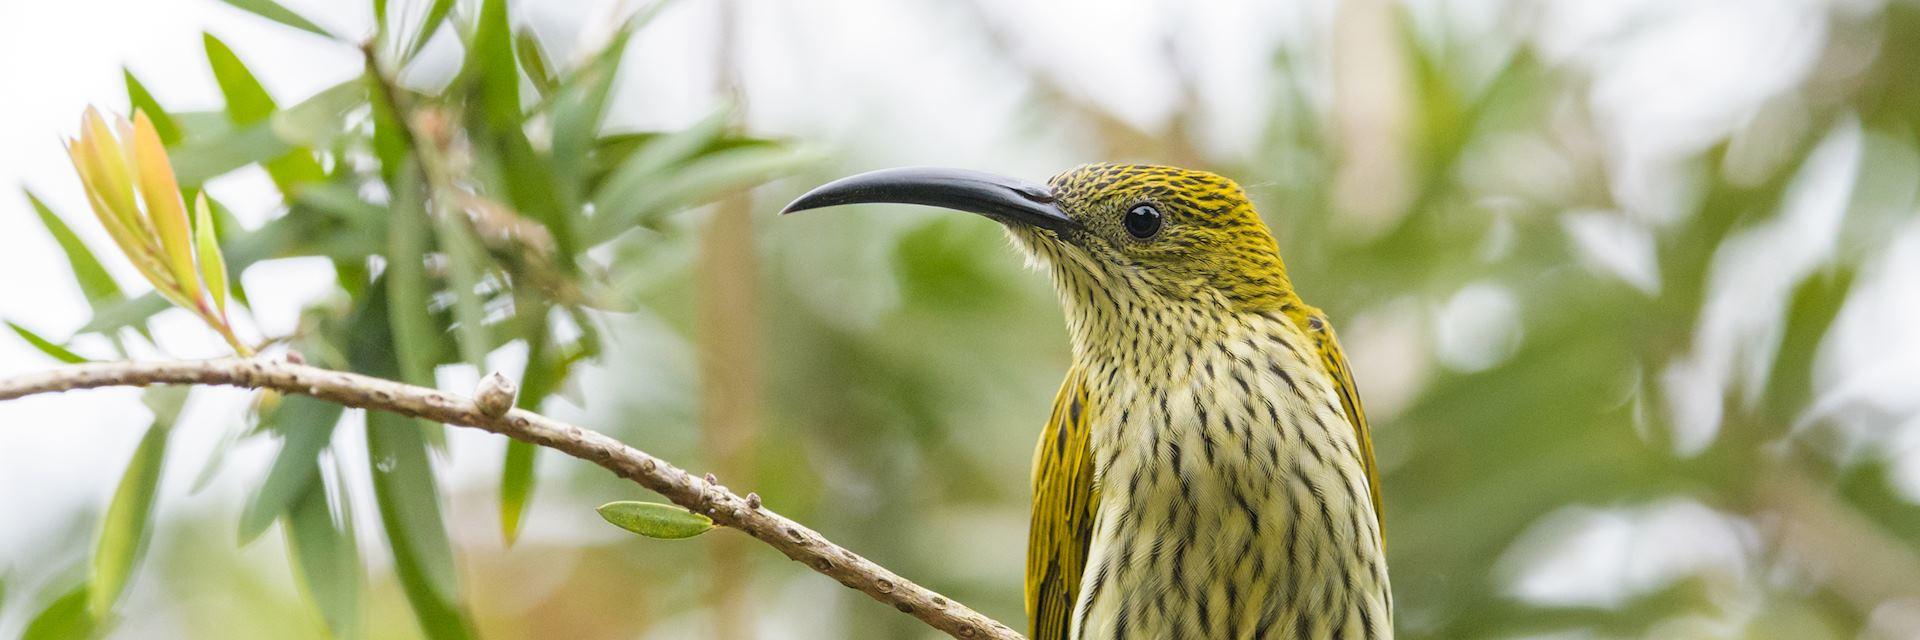 Birdlife at Fraser's Hill